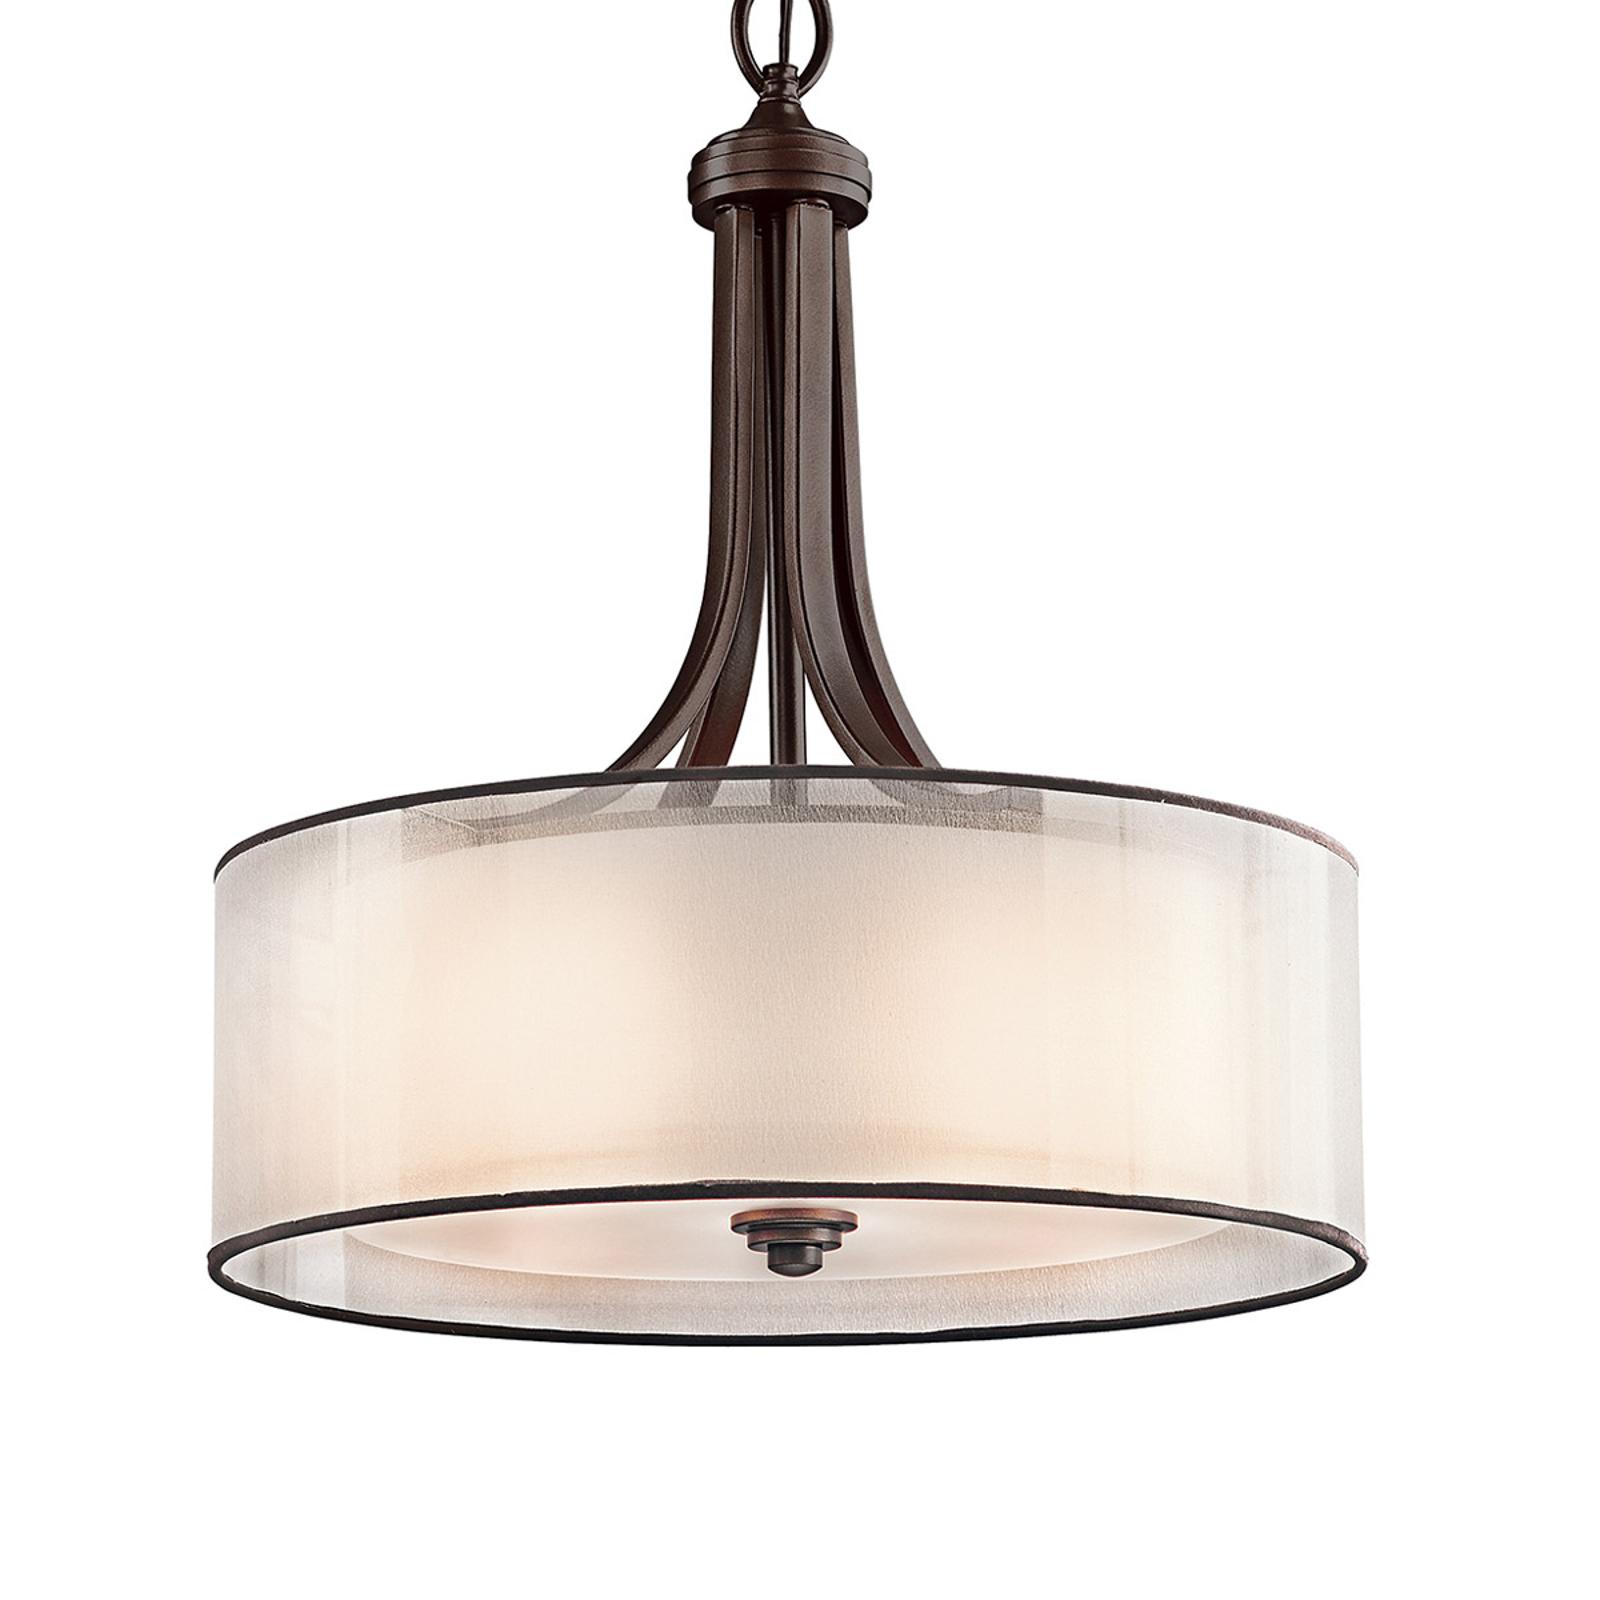 Exquisita lámpara de suspensión Lacey